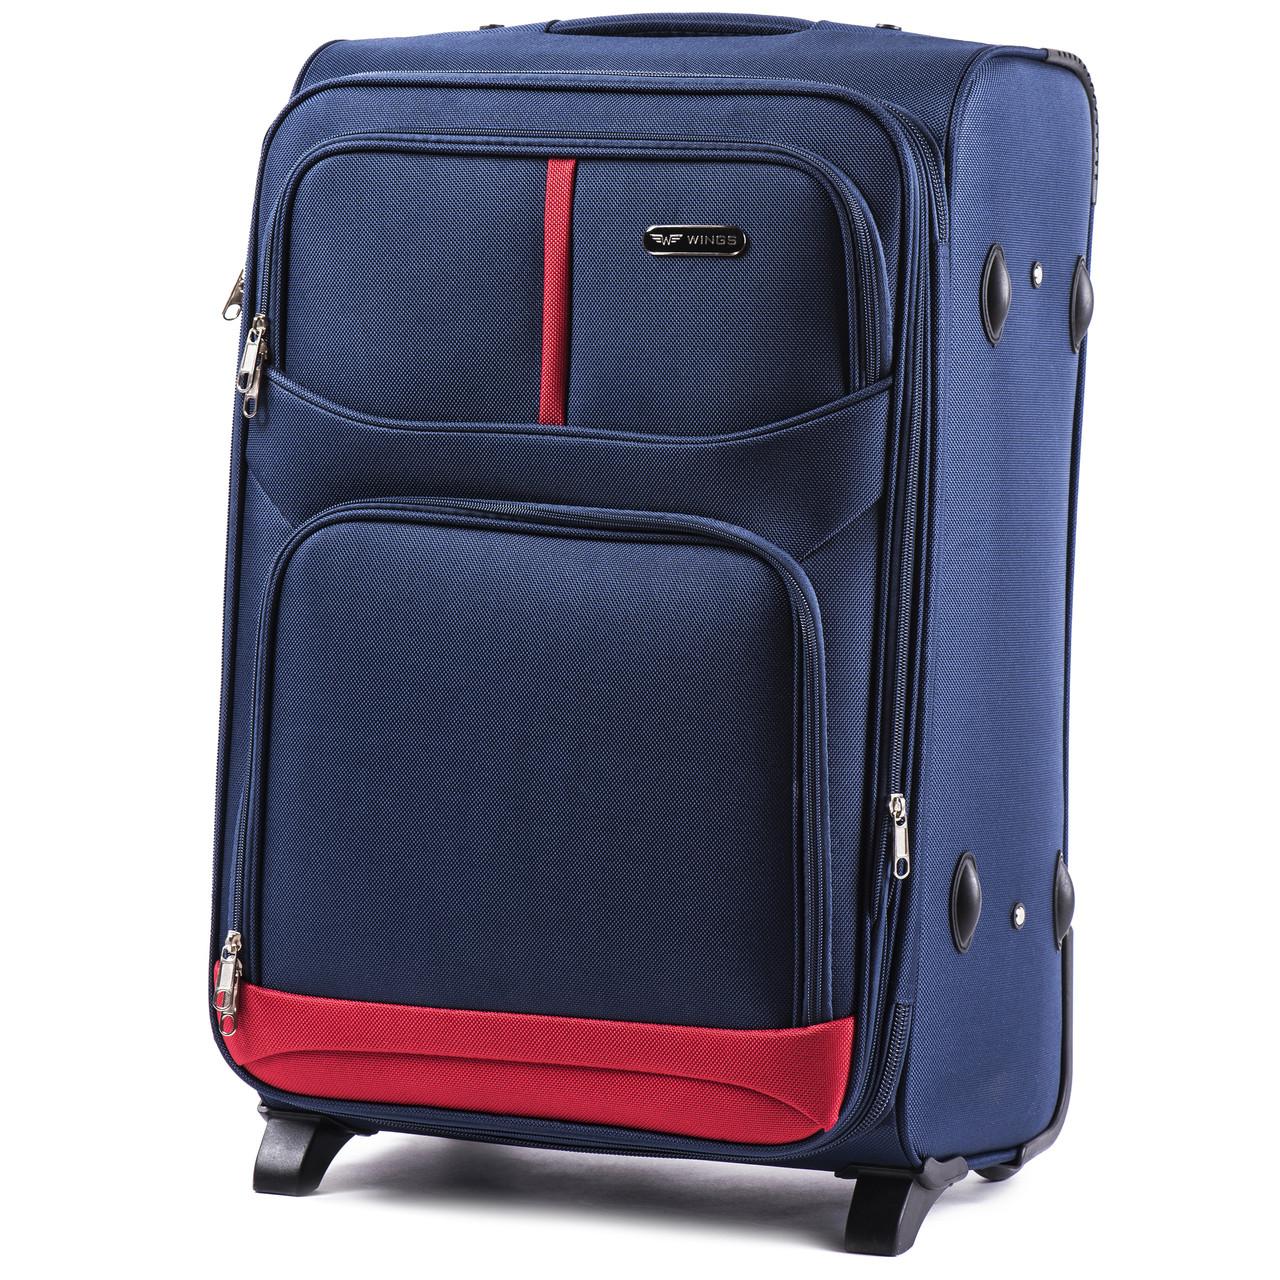 Большой тканевый чемодан Wings 206 на 2 колесах синий